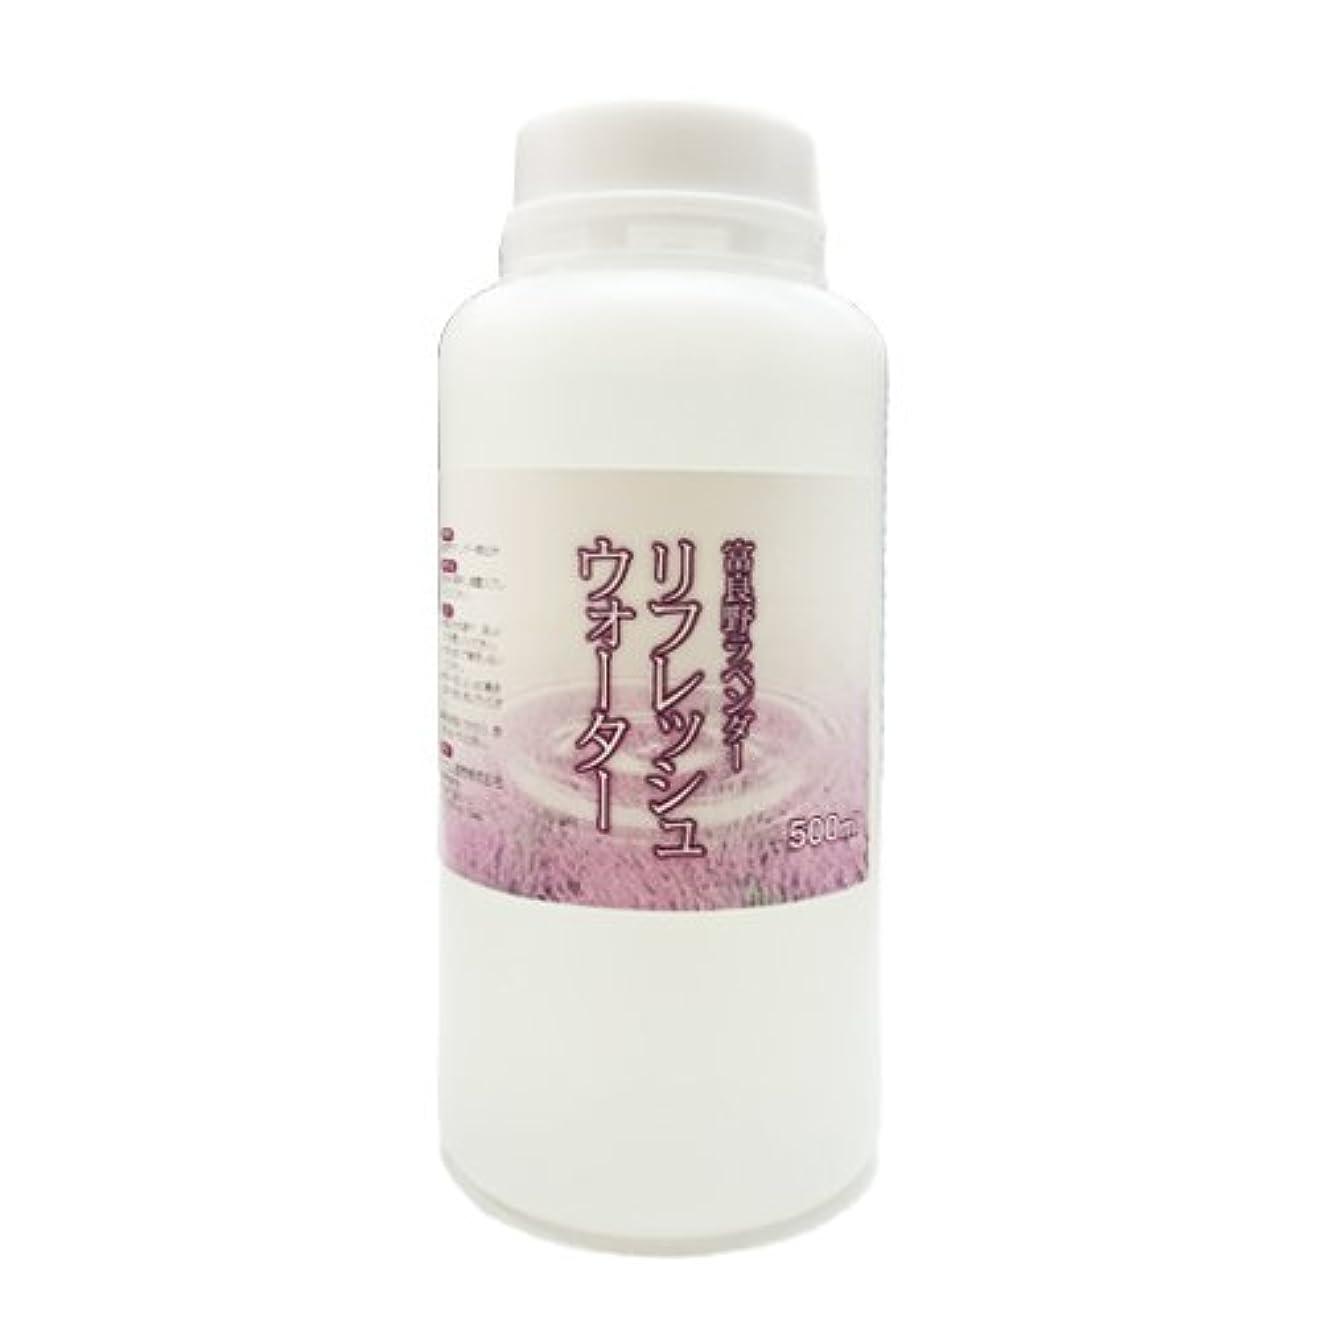 真向こう旋律的側面【北海道 富良野産ラベンダー リフレッシュウォーター】500ml ラベンダー蒸留水